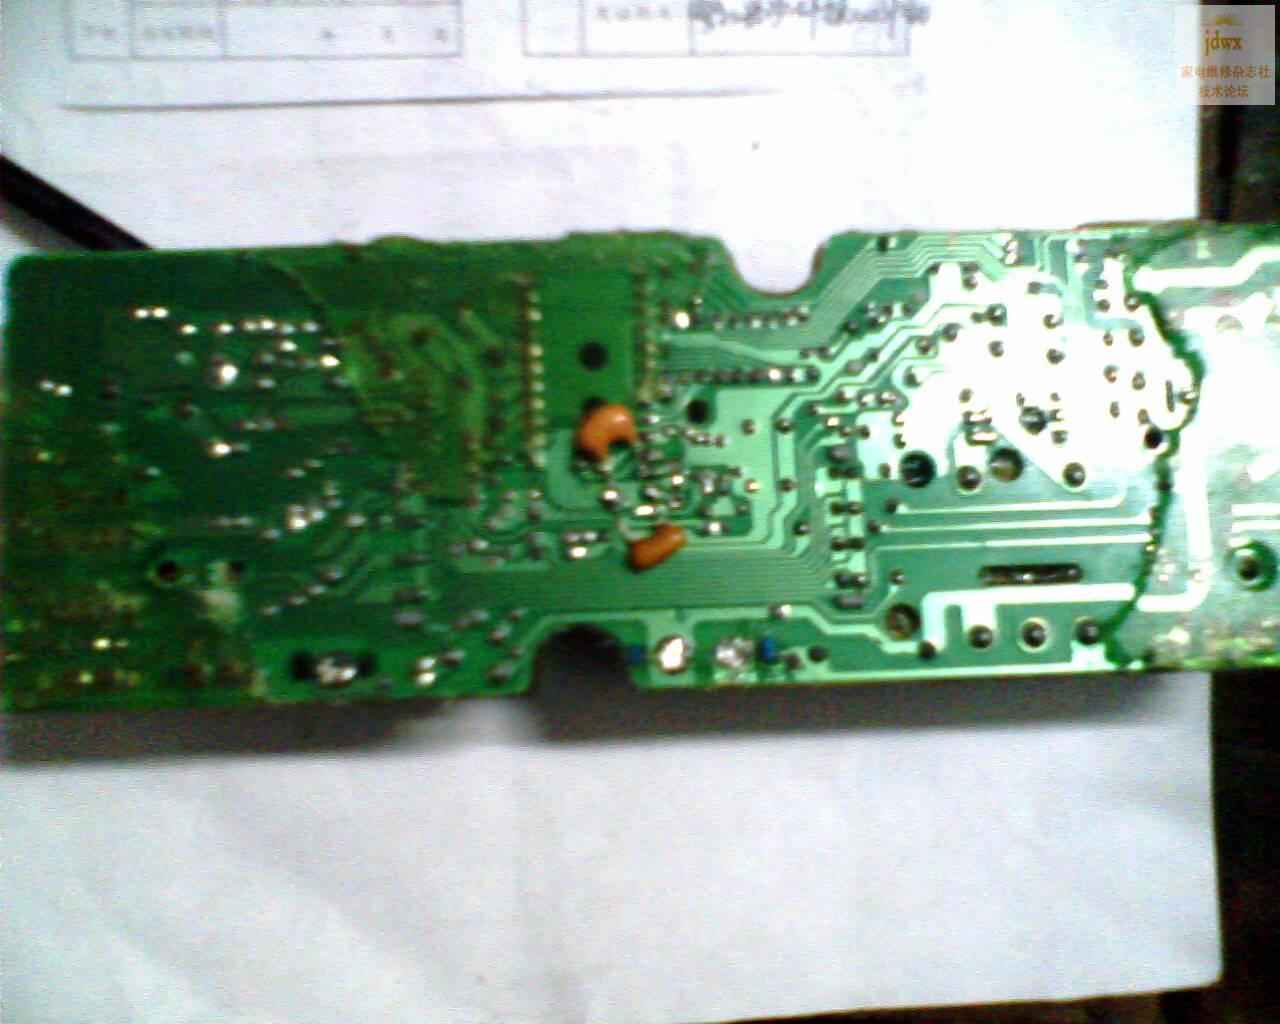 维修奇声全自动洗衣机电脑版的详细过程及三脚晶体用两脚晶体代换方法